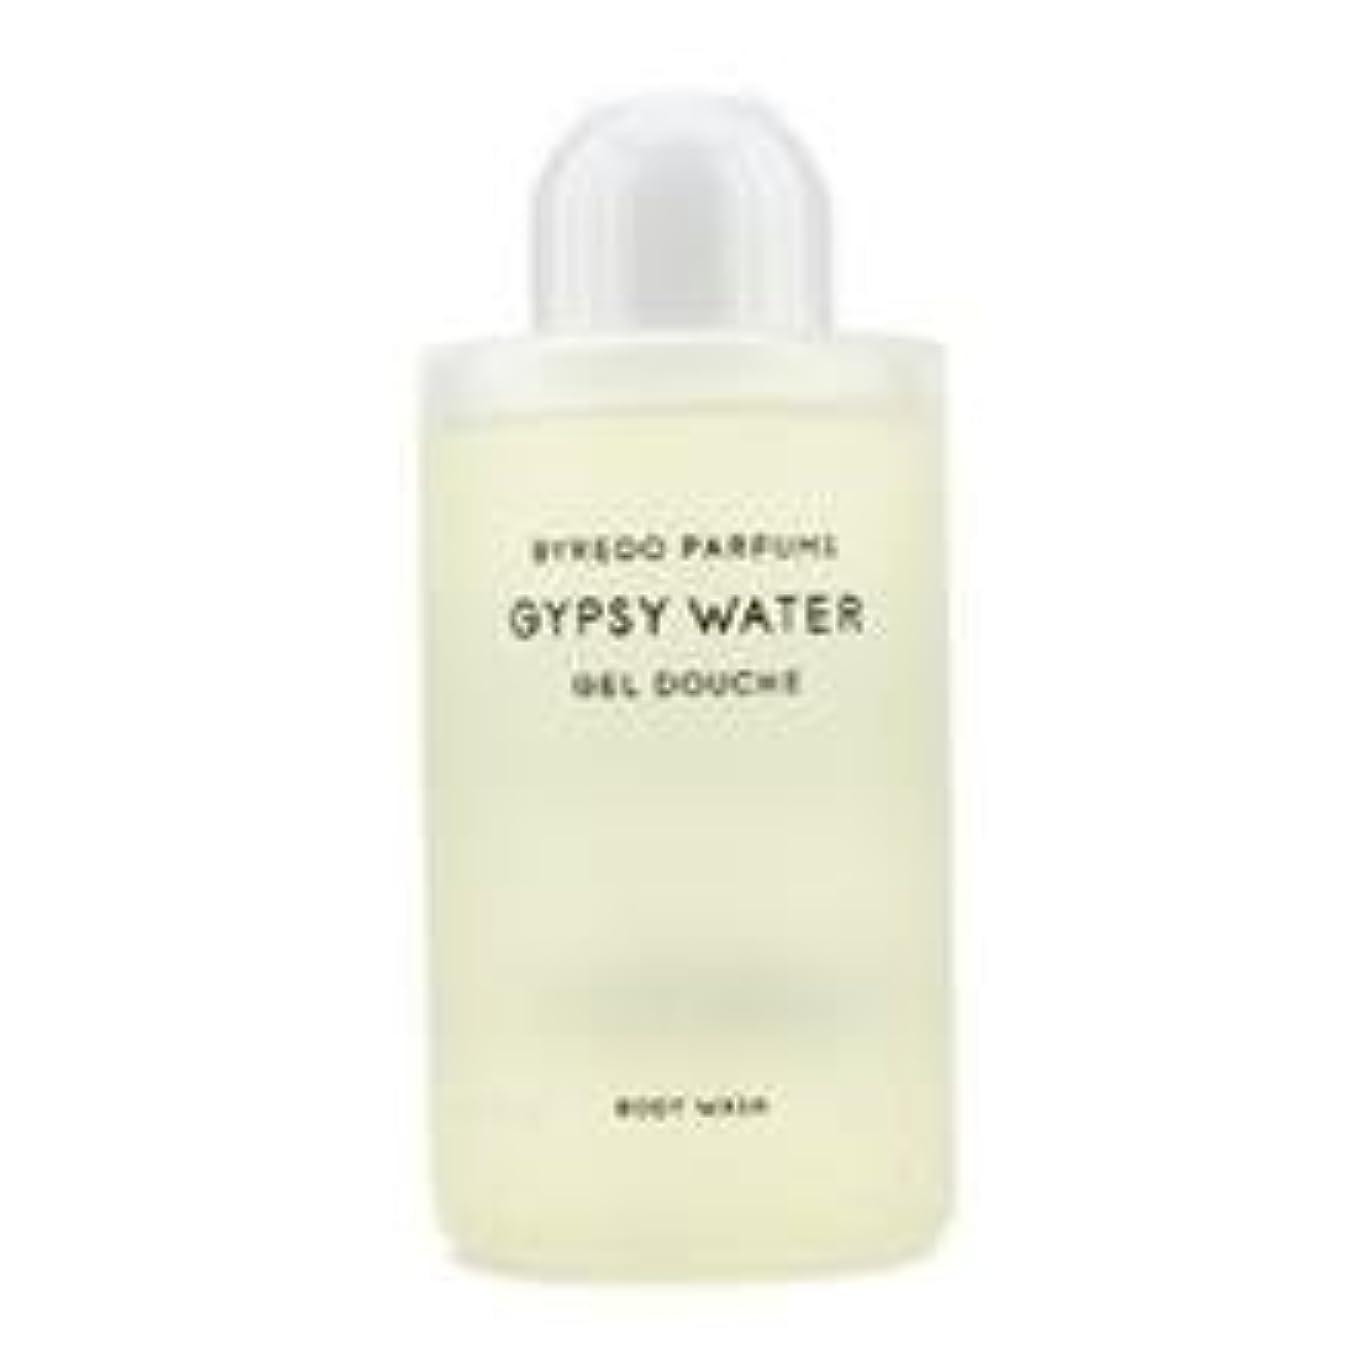 部フェザー視線Byredo Gypsy Water Body Wash 225ml/7.6oz by Byredo